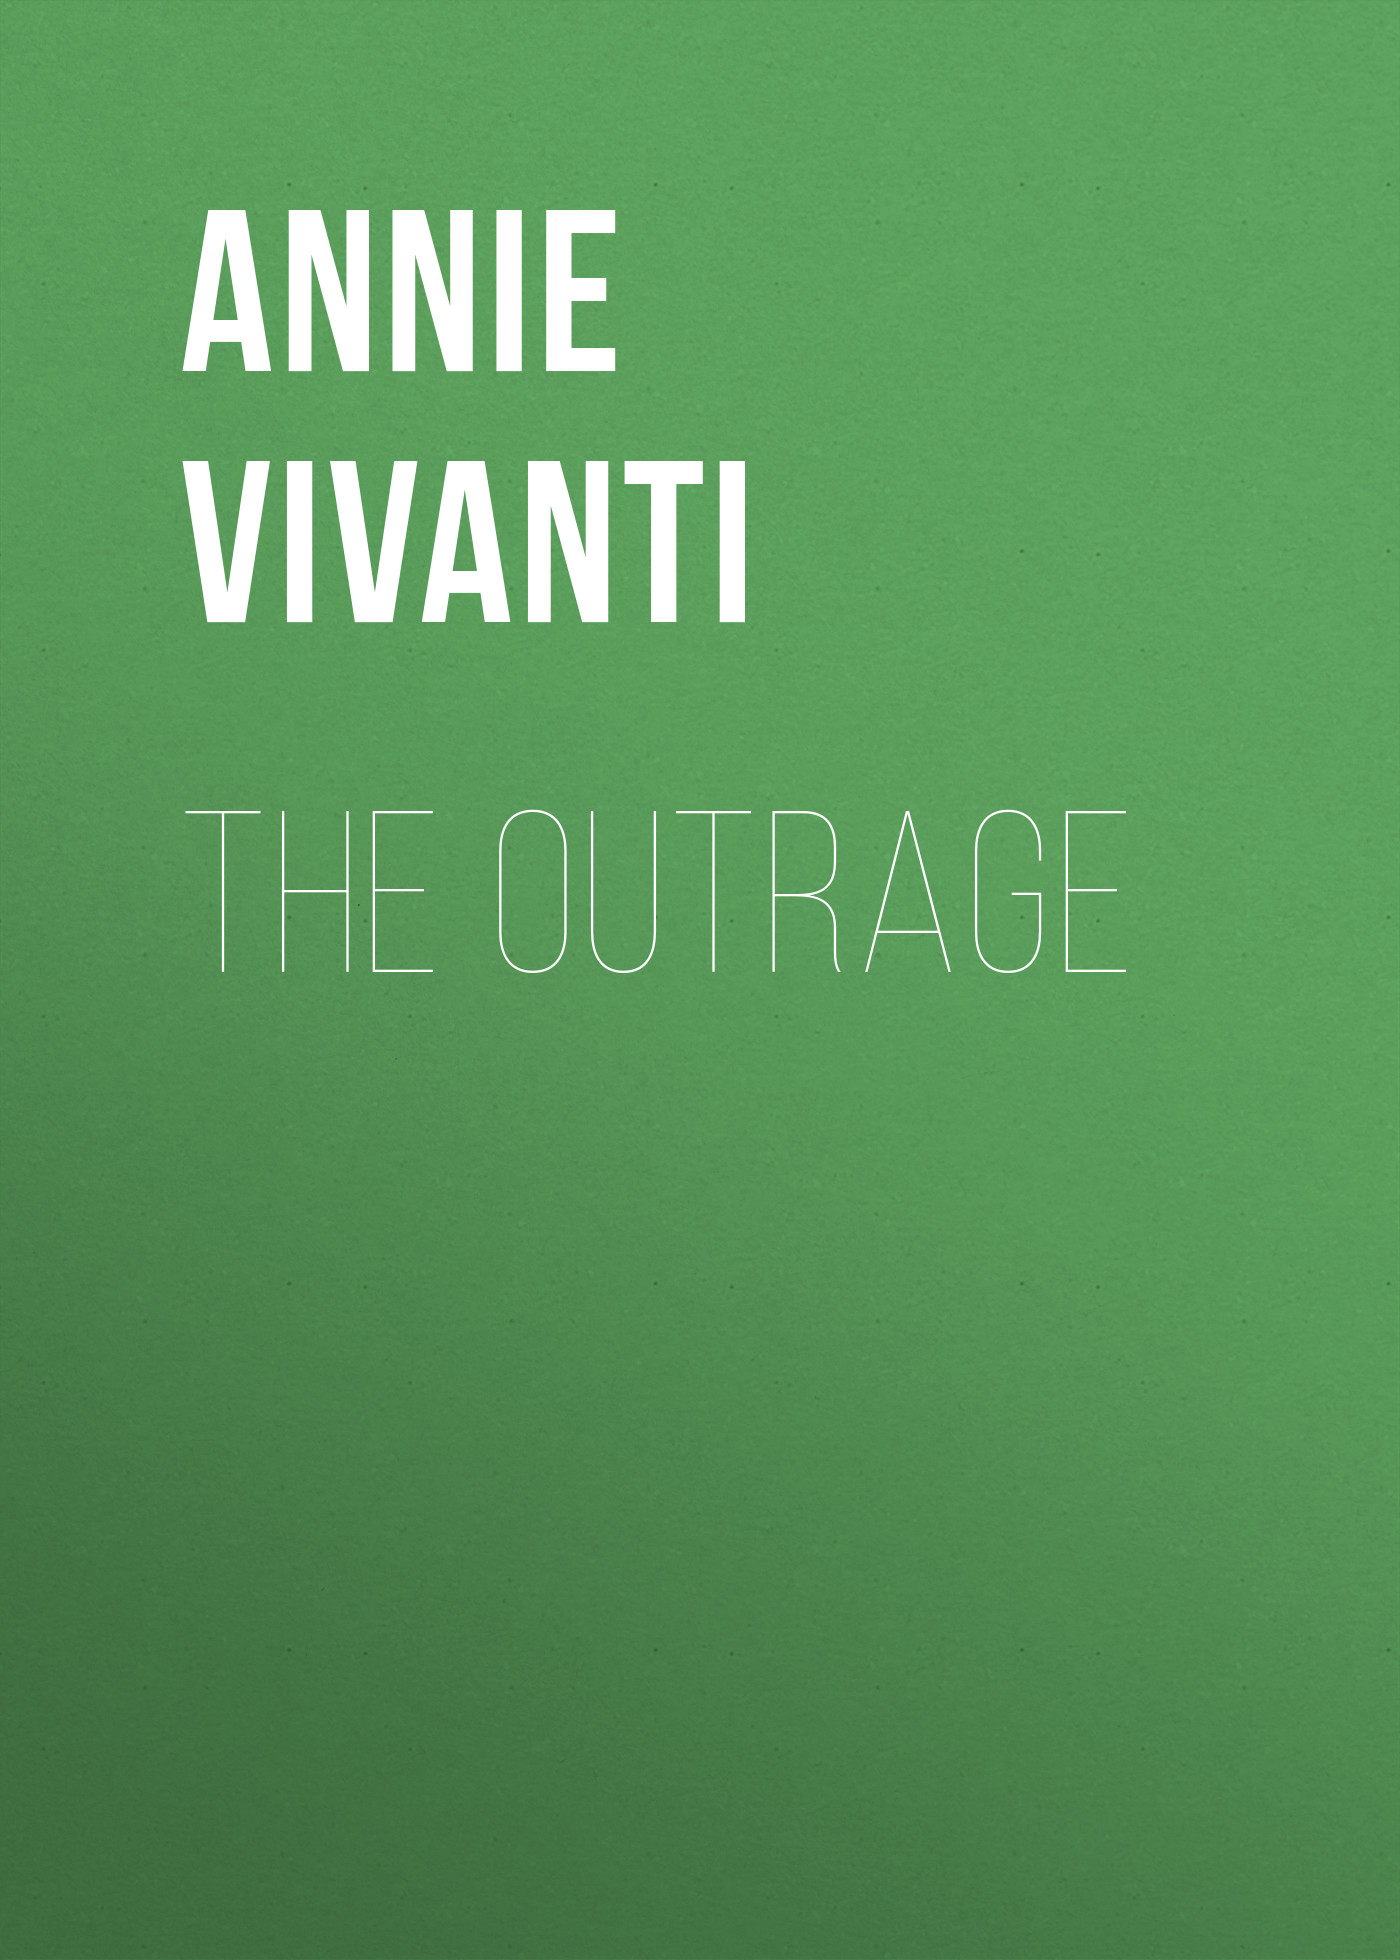 купить Annie Vivanti The Outrage дешево